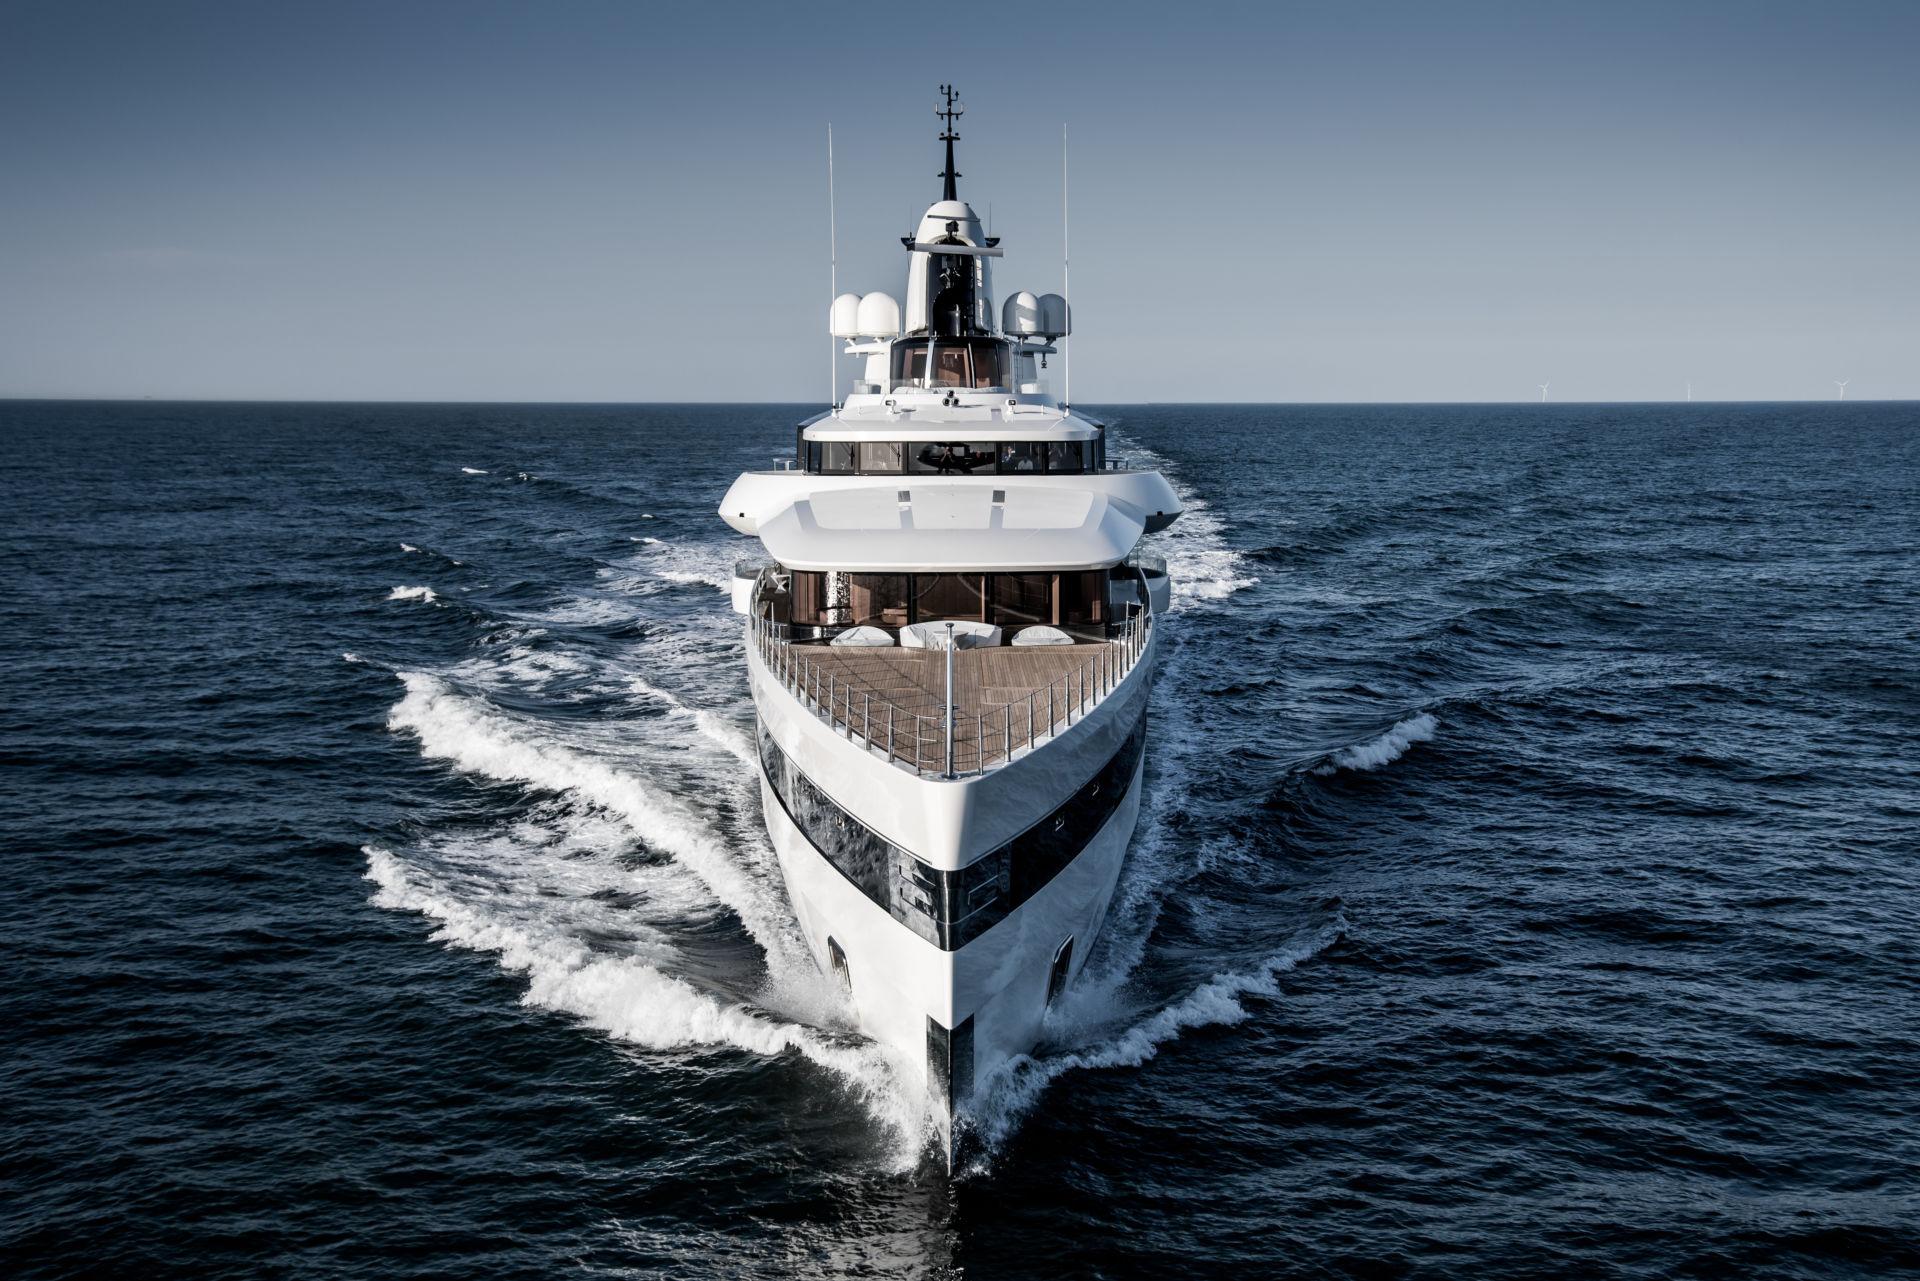 Alquiler de barcos y yates de lujo en Ibiza. Barcos de alquiler en Ibiza y Formentera.